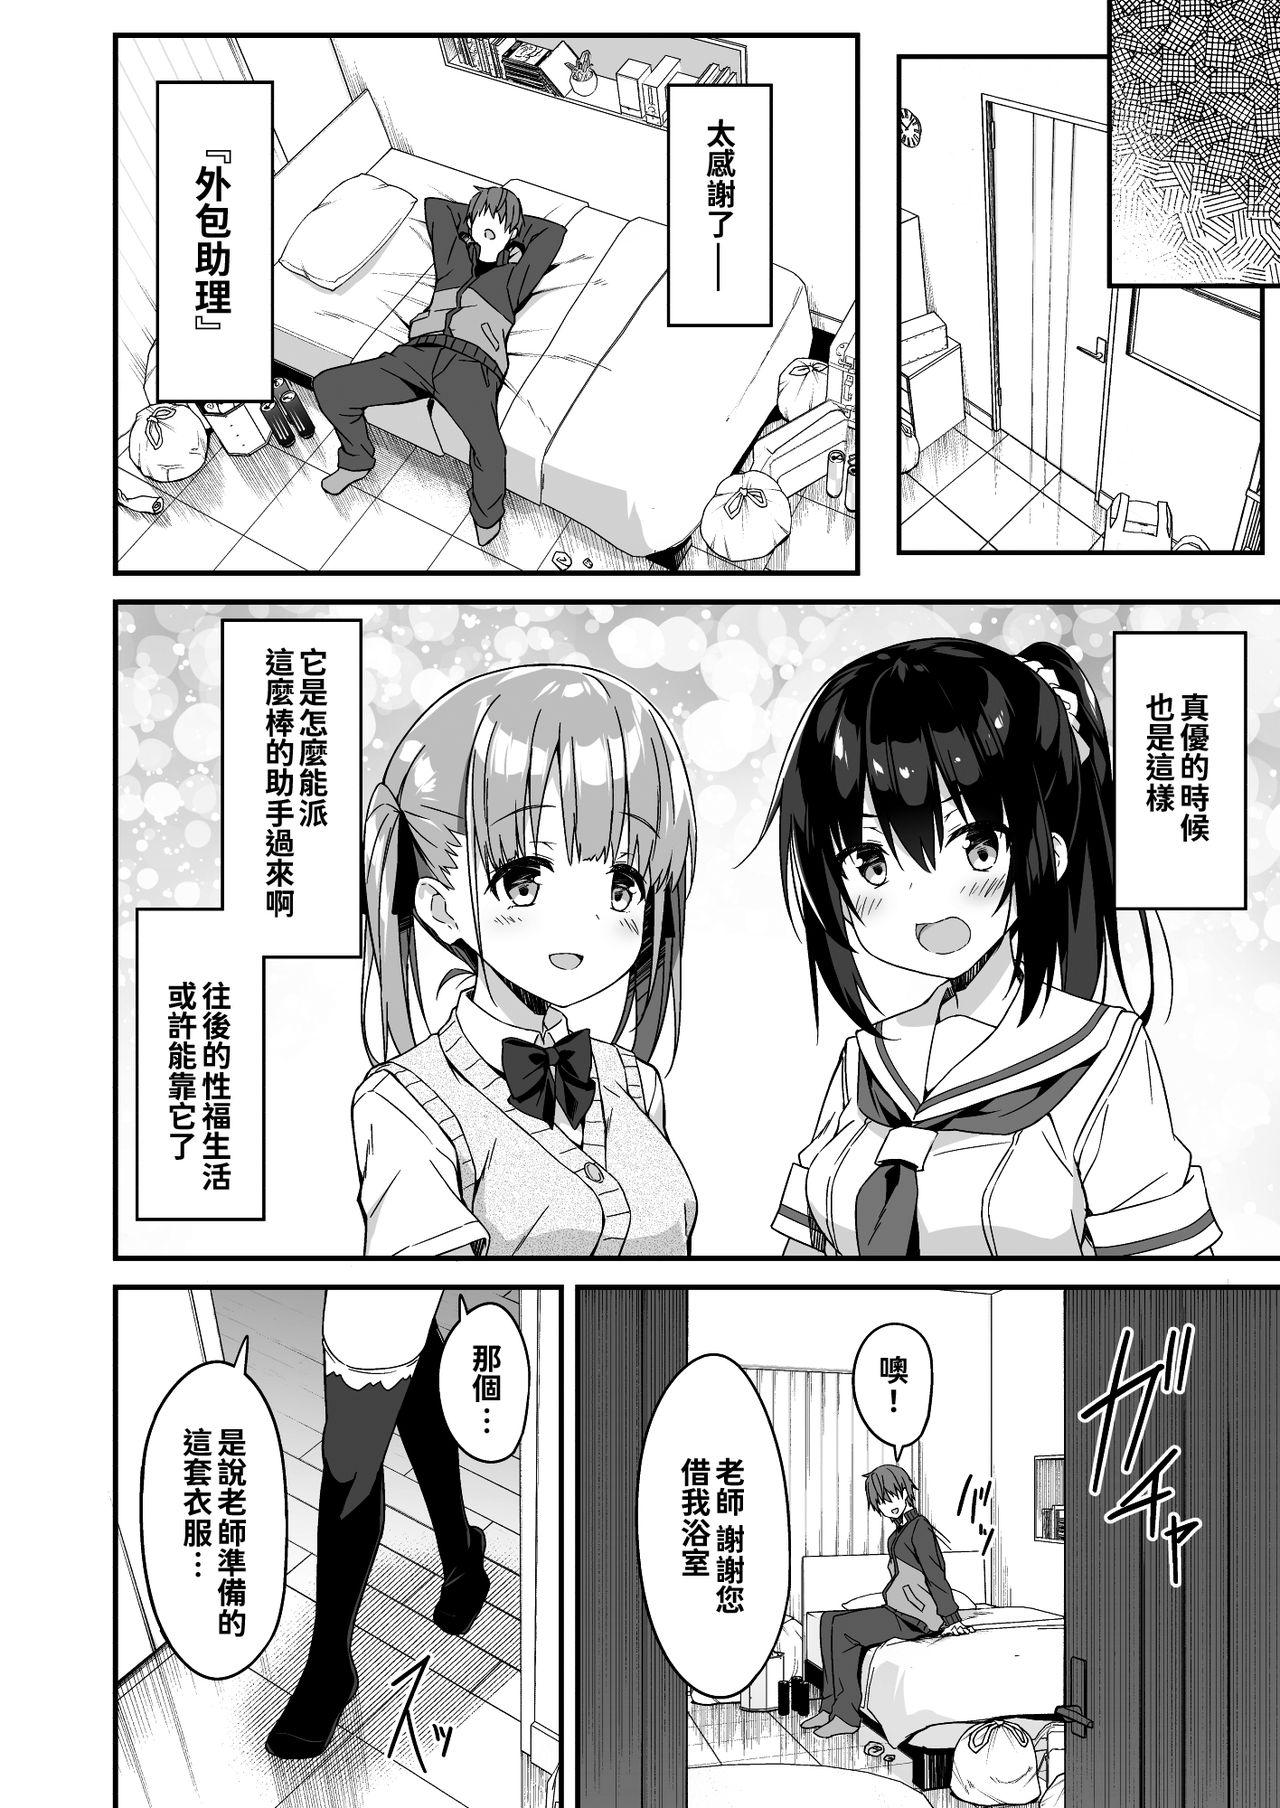 Kaji Daikou o Tanondara JK ga Kita node Tsuika de Iroiro Onegai shite mita 2 24